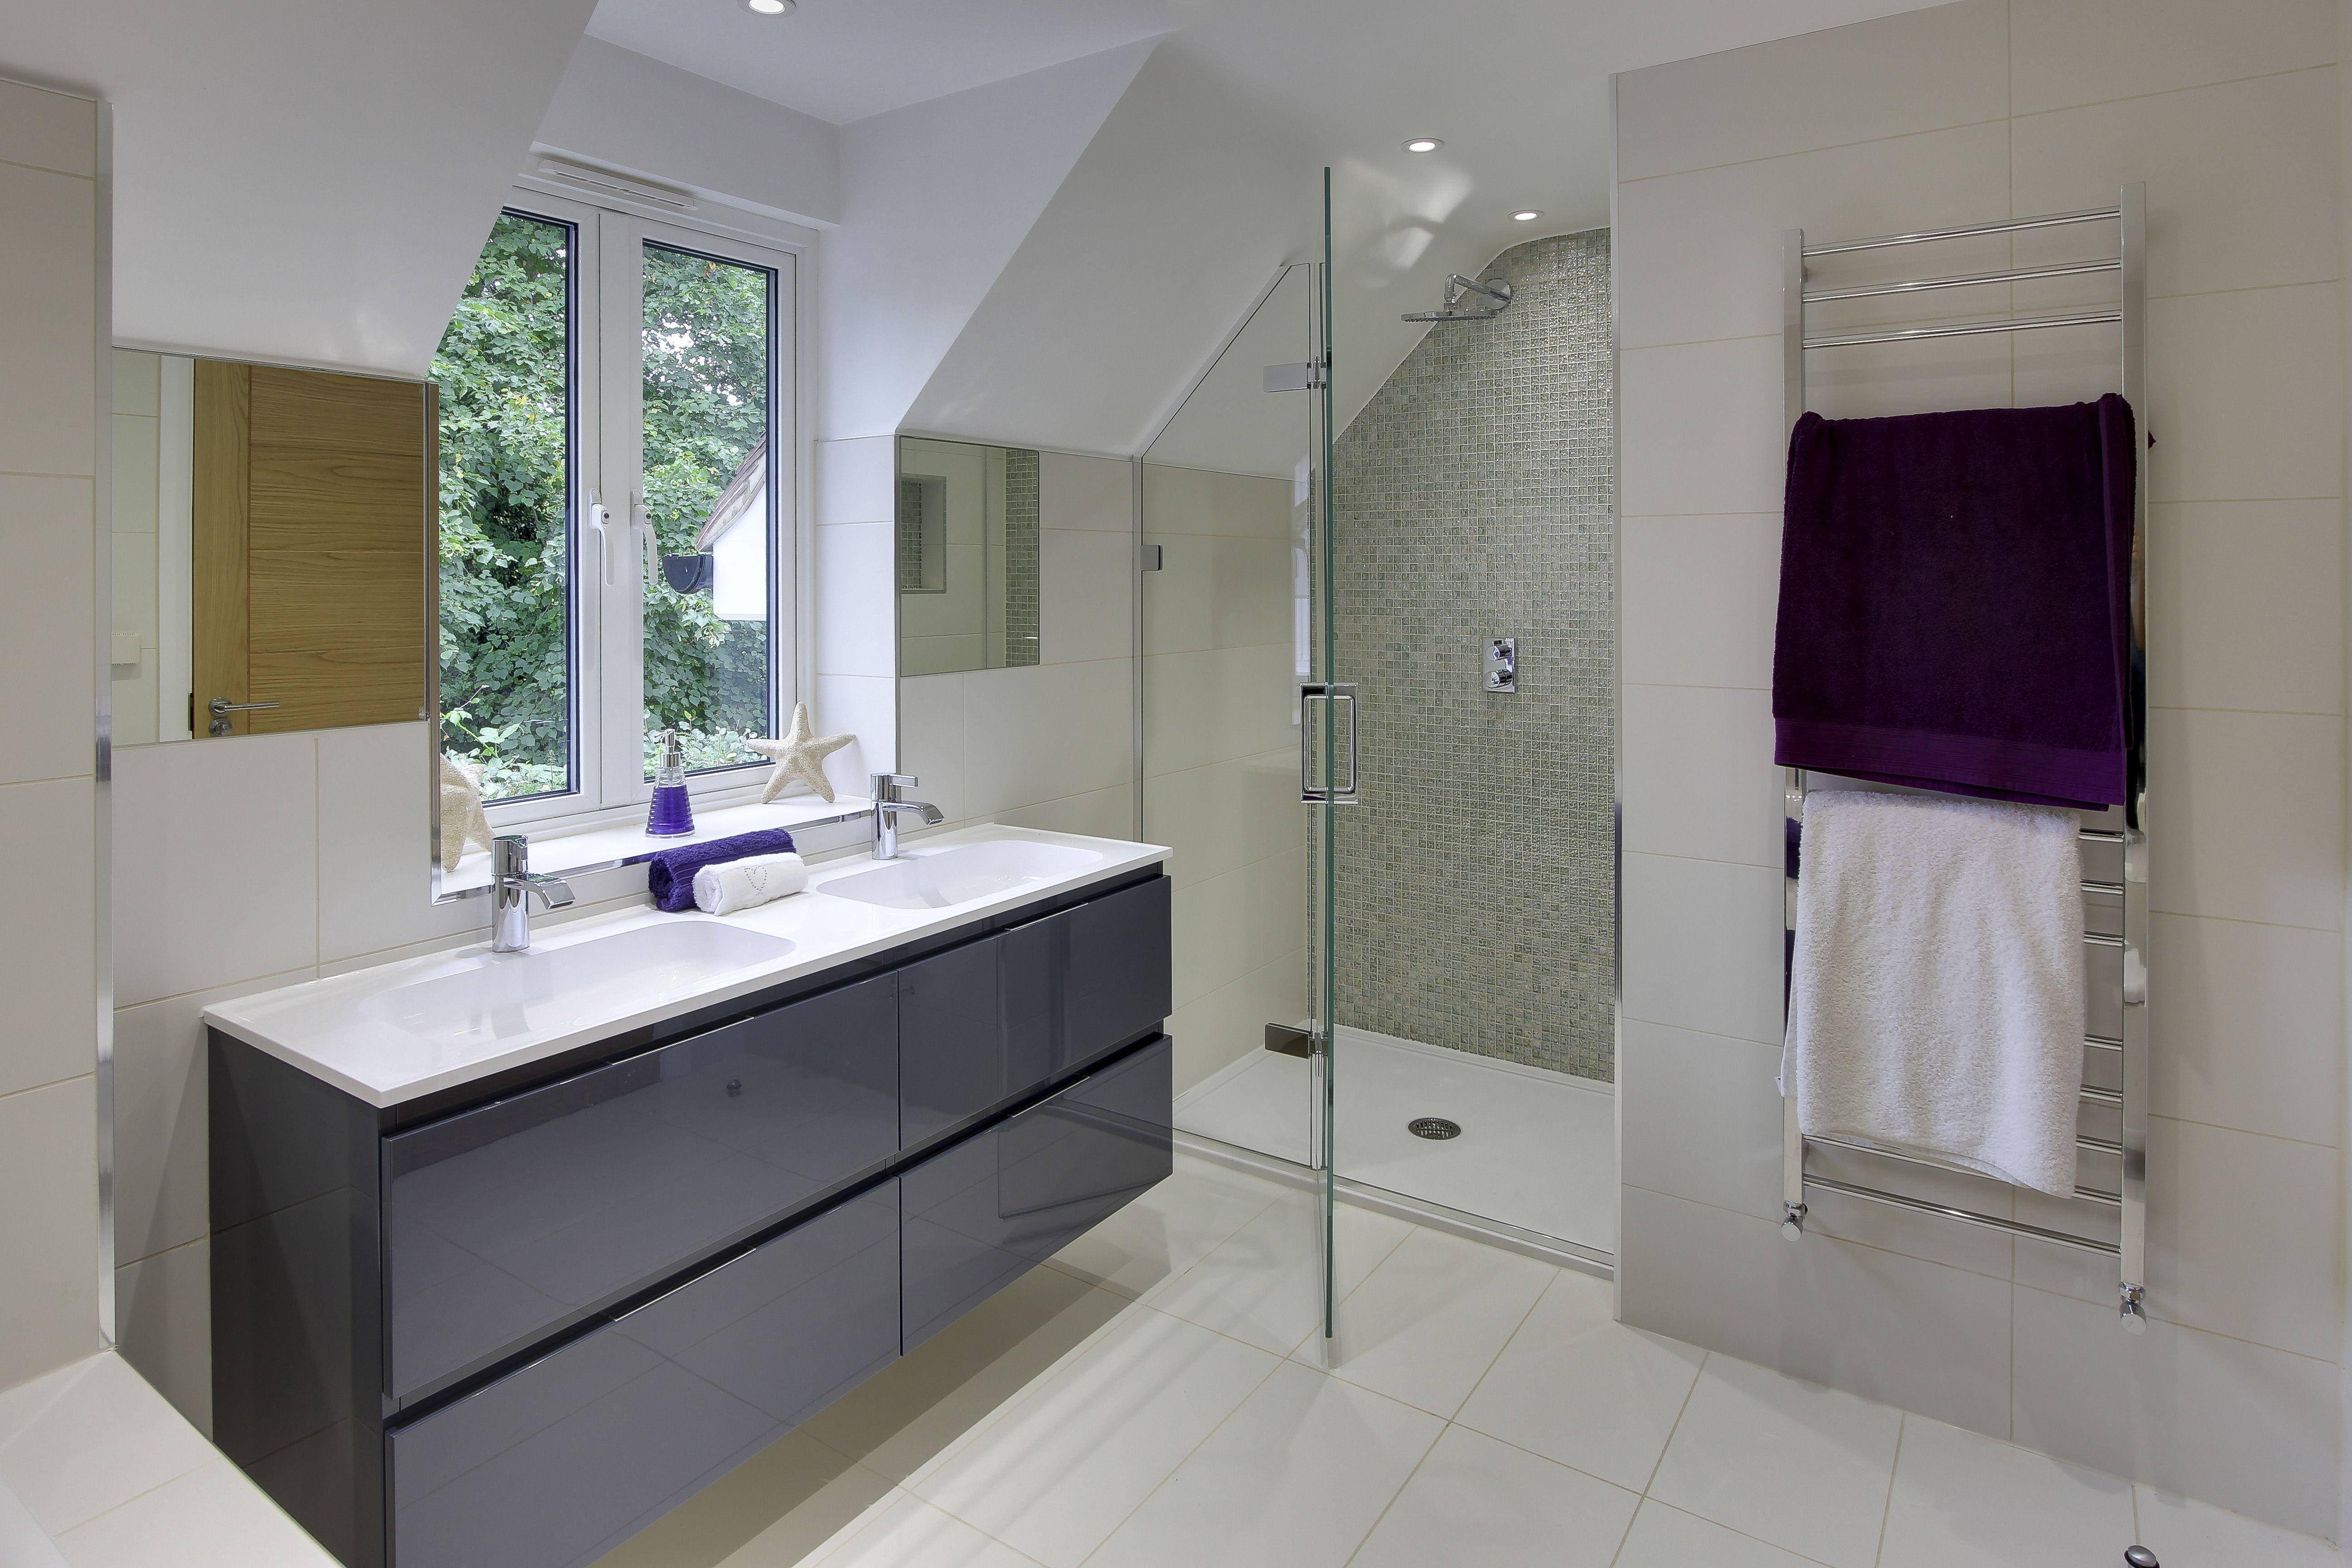 Bathroom Tiles Redditch wall tiles: p15 bright 60x30cm porcelain tile shower mosaics